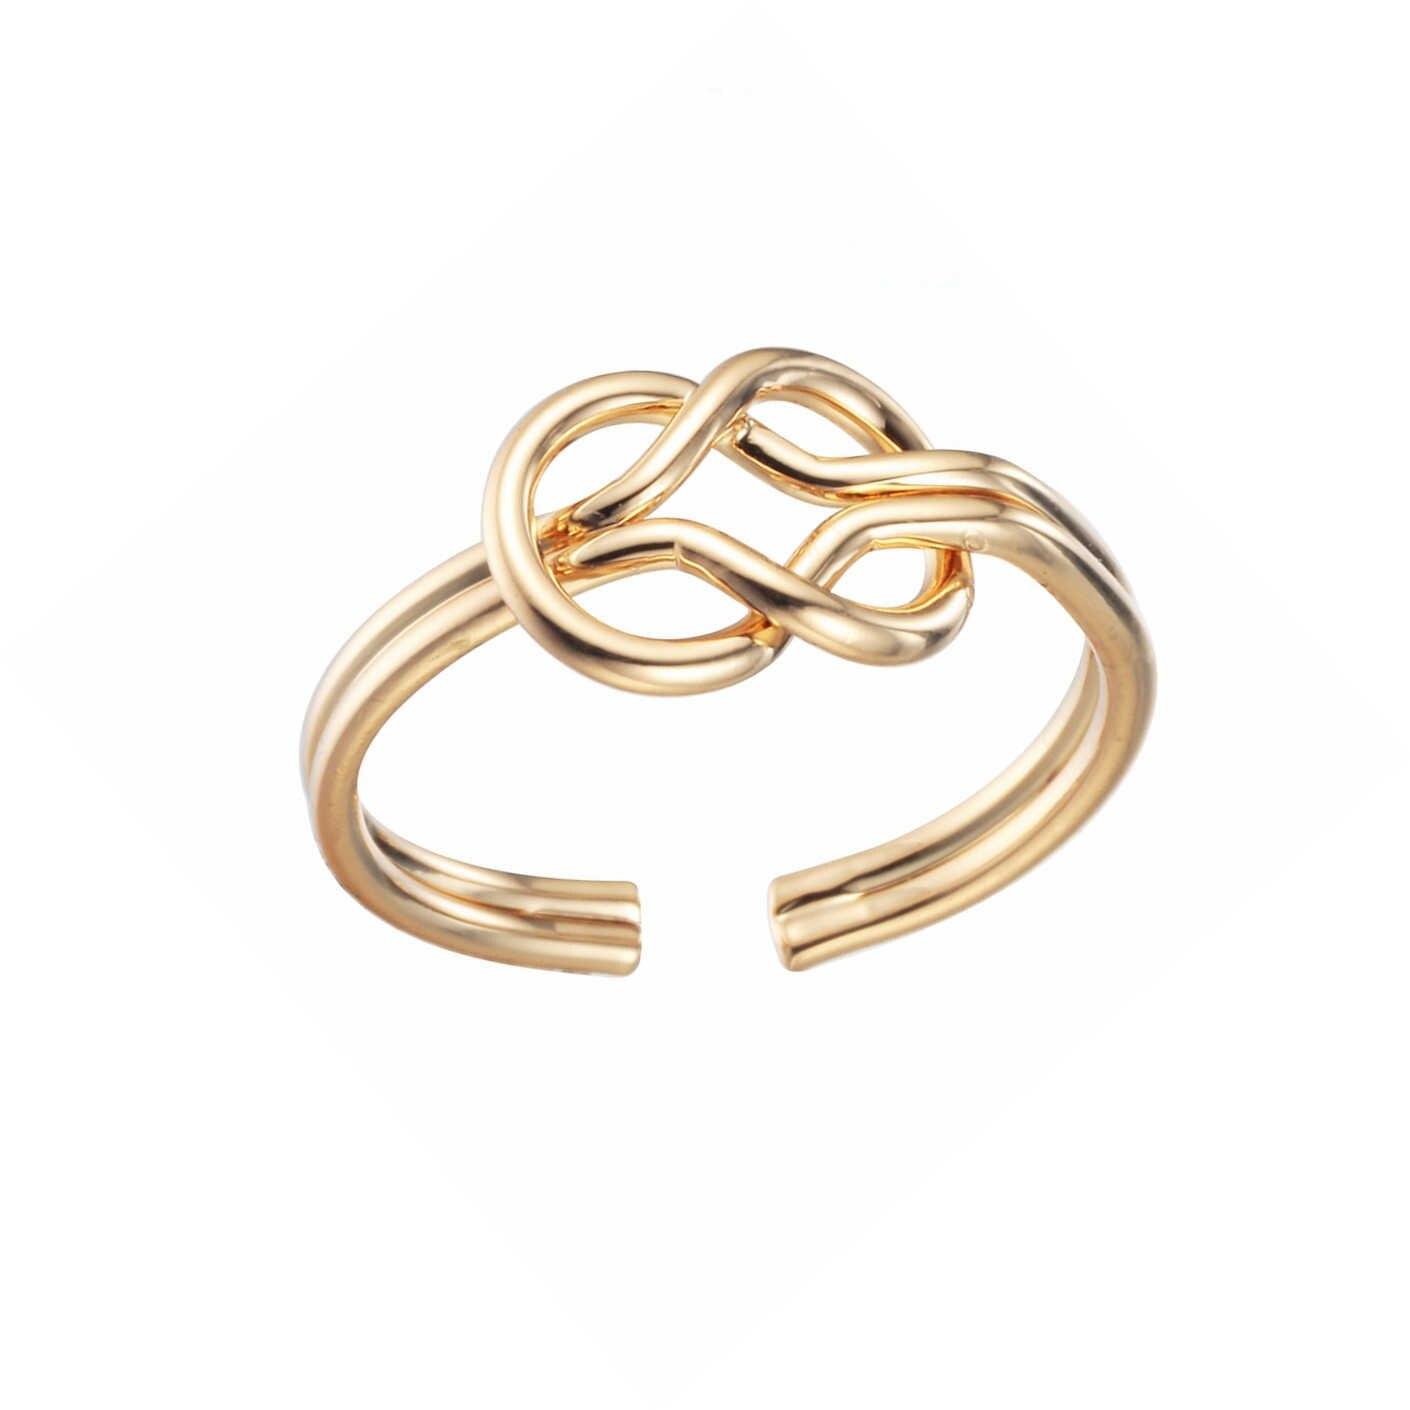 Cxwind אינפיניטי נצח צלב קשר טבעות החבר הכי טוב מתנות אהבה אינסופית סמל קסמי טבעת אצבע תכשיטי נשים המפלגה Bijoux